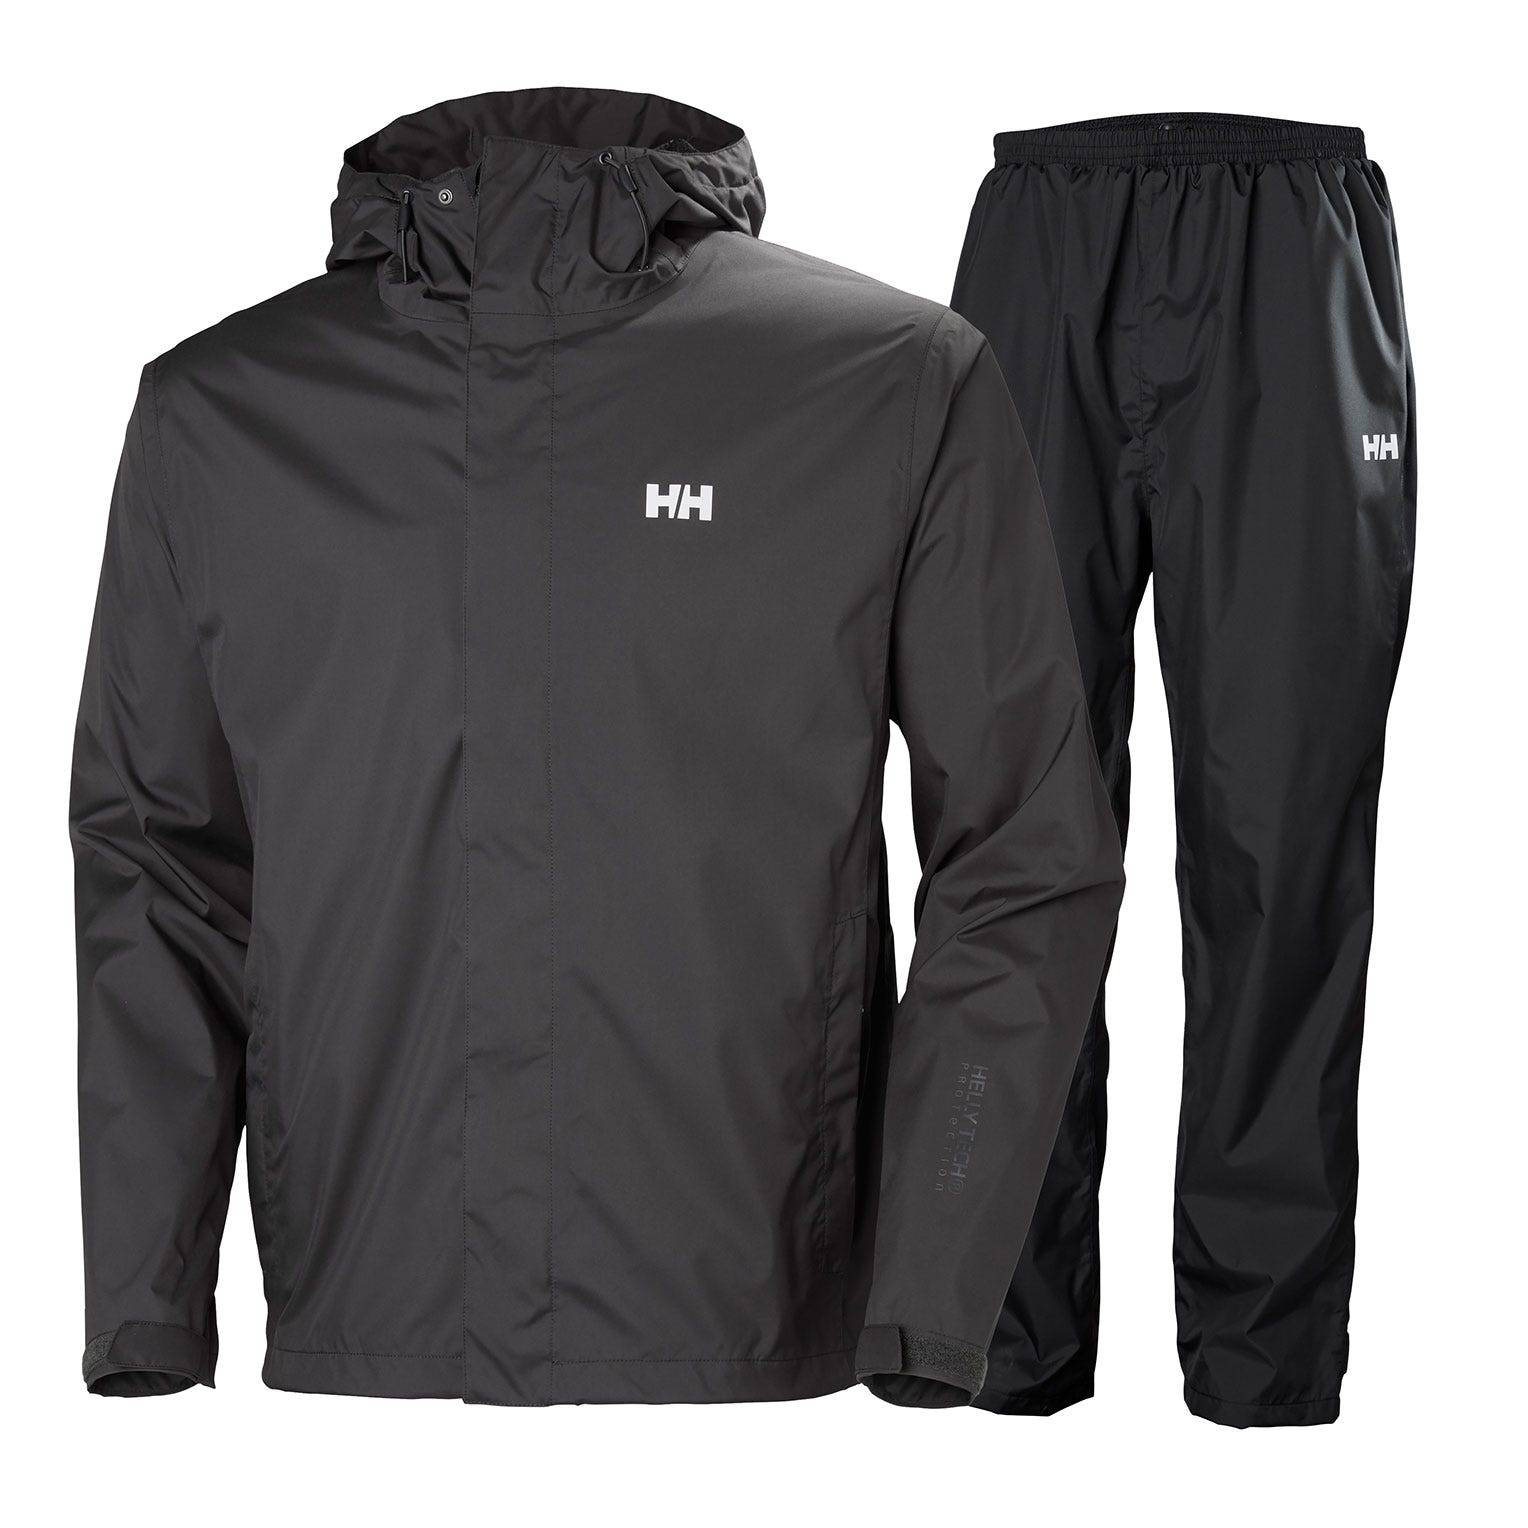 Helly Hansen Portland Rain Set Mens Jacket Black XXXL